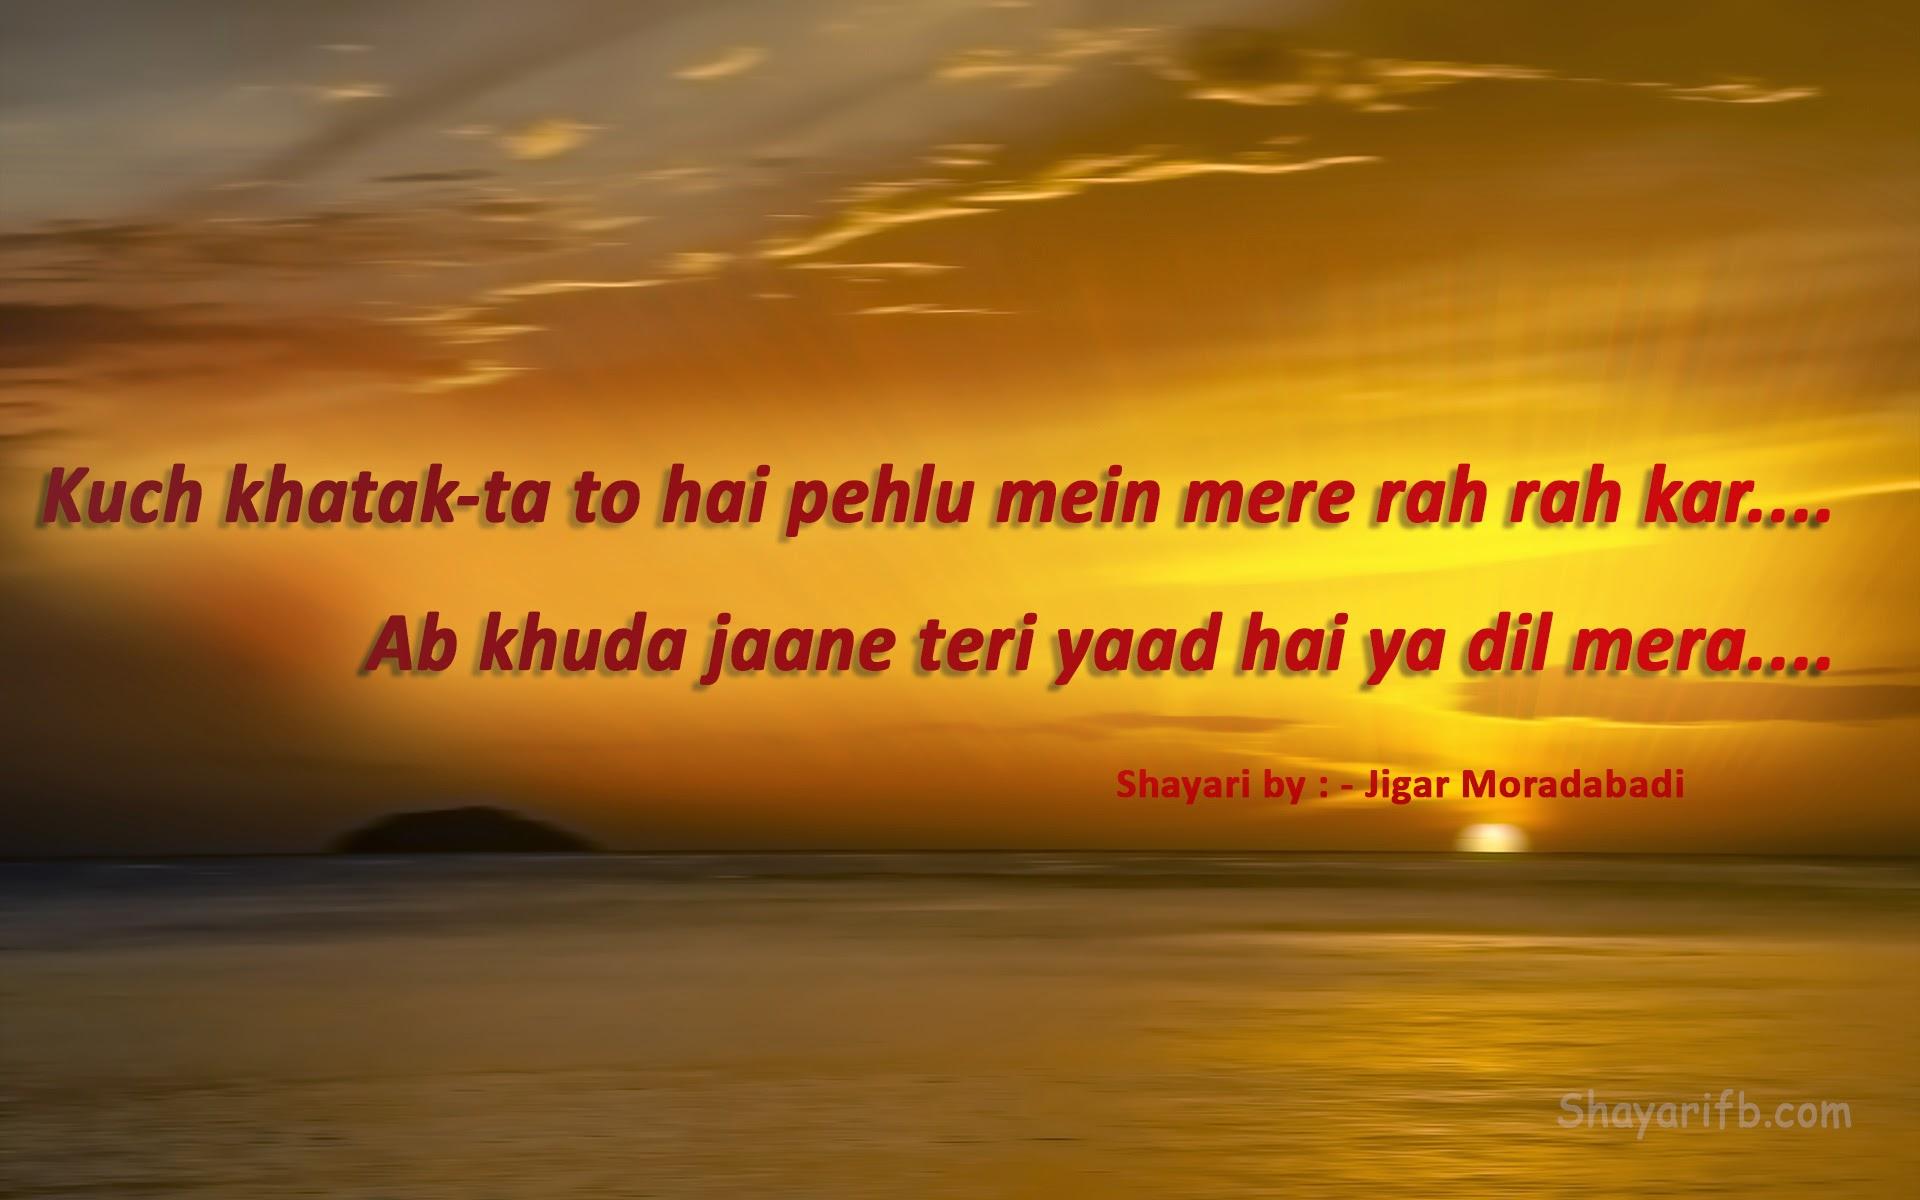 ... Sad wallpapers | Sad Shayari : Love shayari for Ishq ki yaad wallpaper